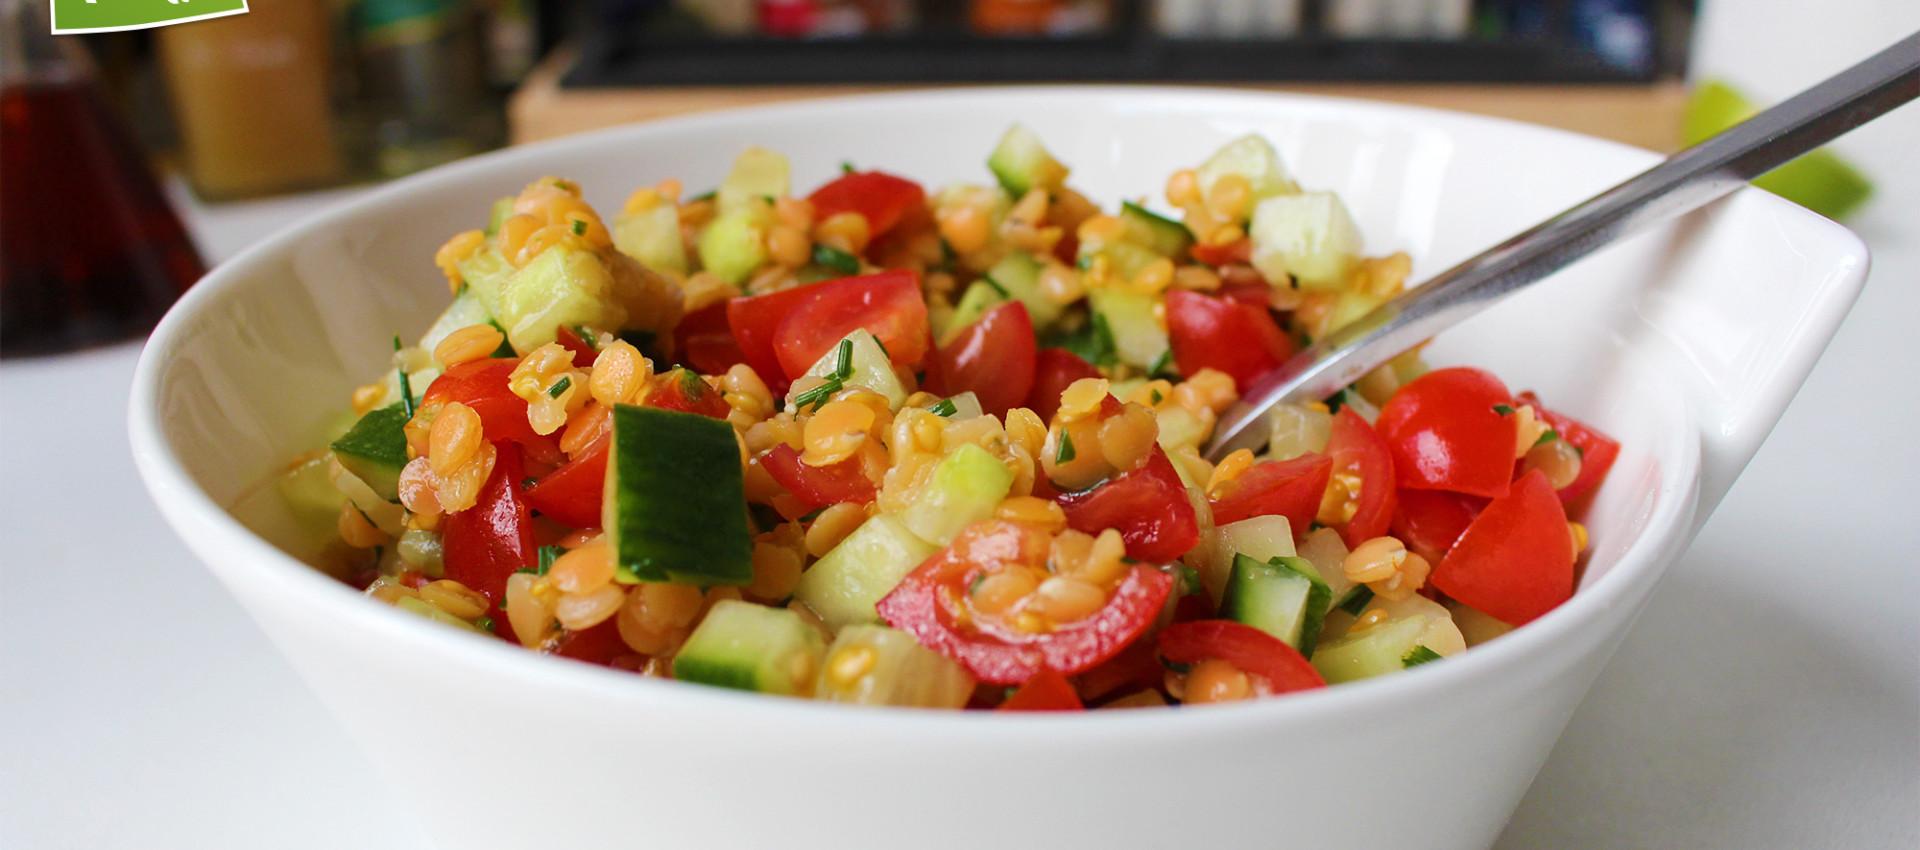 Rezept Gurkensalat mit roten Linsen - Kochbock.de